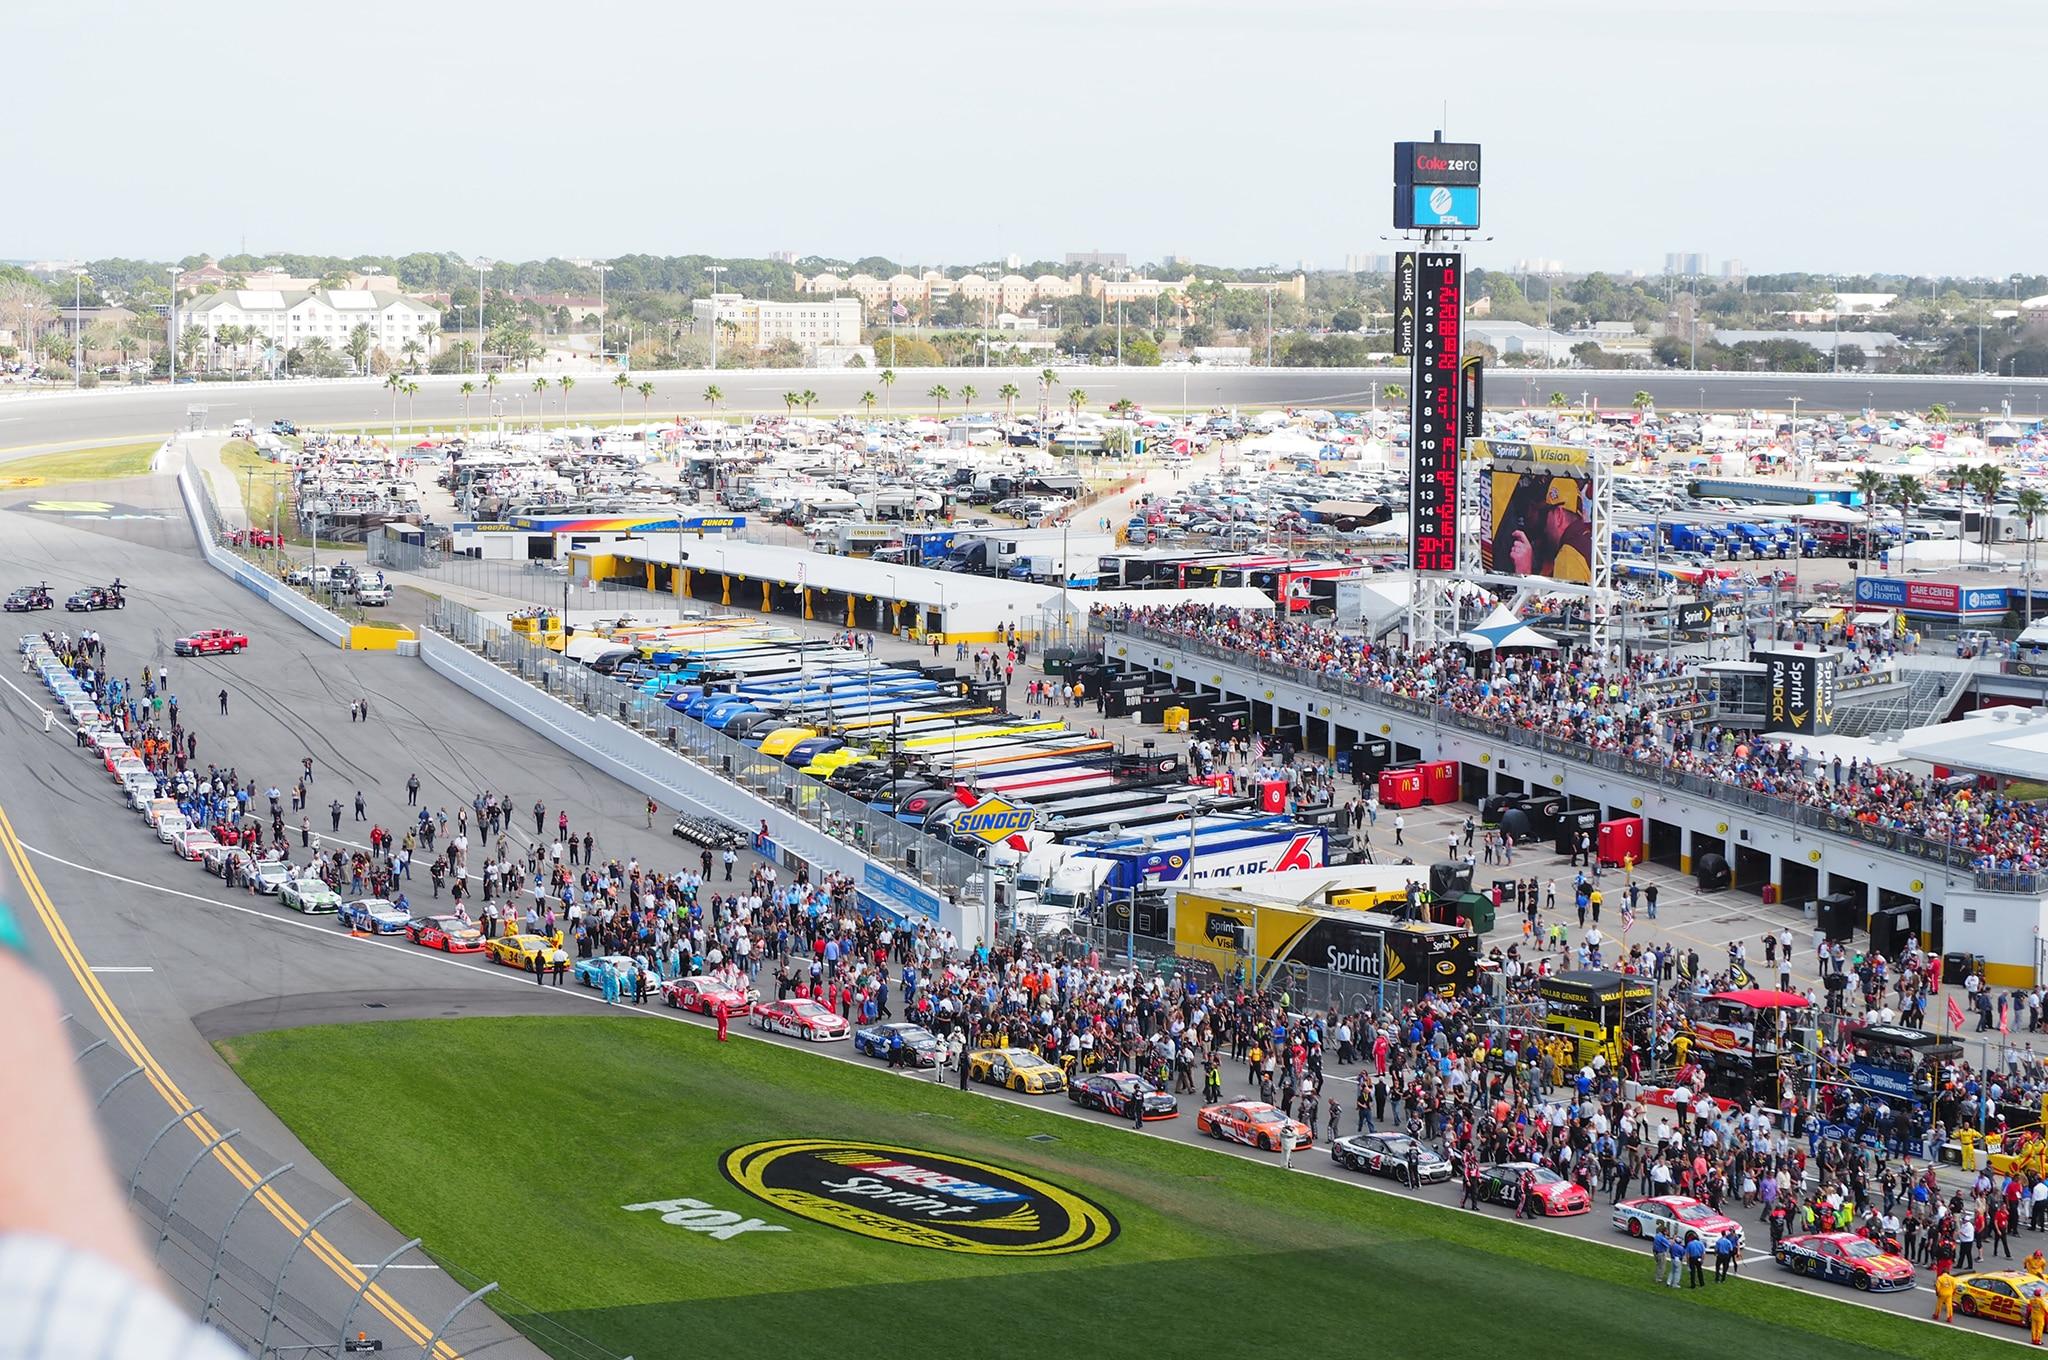 2016 Daytona 500 Race